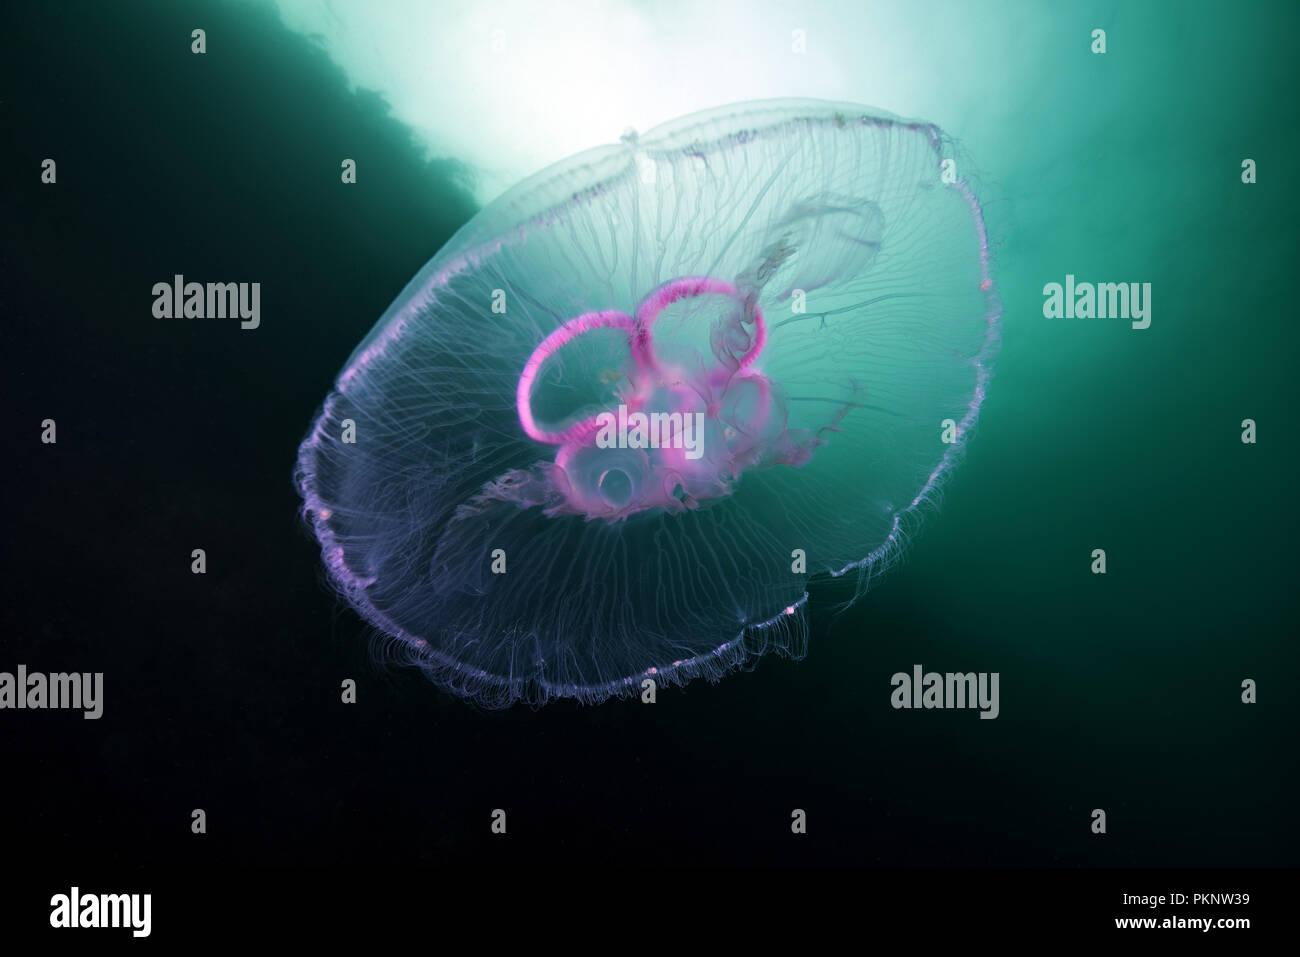 Luna, medusas Medusas comunes, Luna jelly o platillo jelly (Aurelia aurita) Imagen De Stock